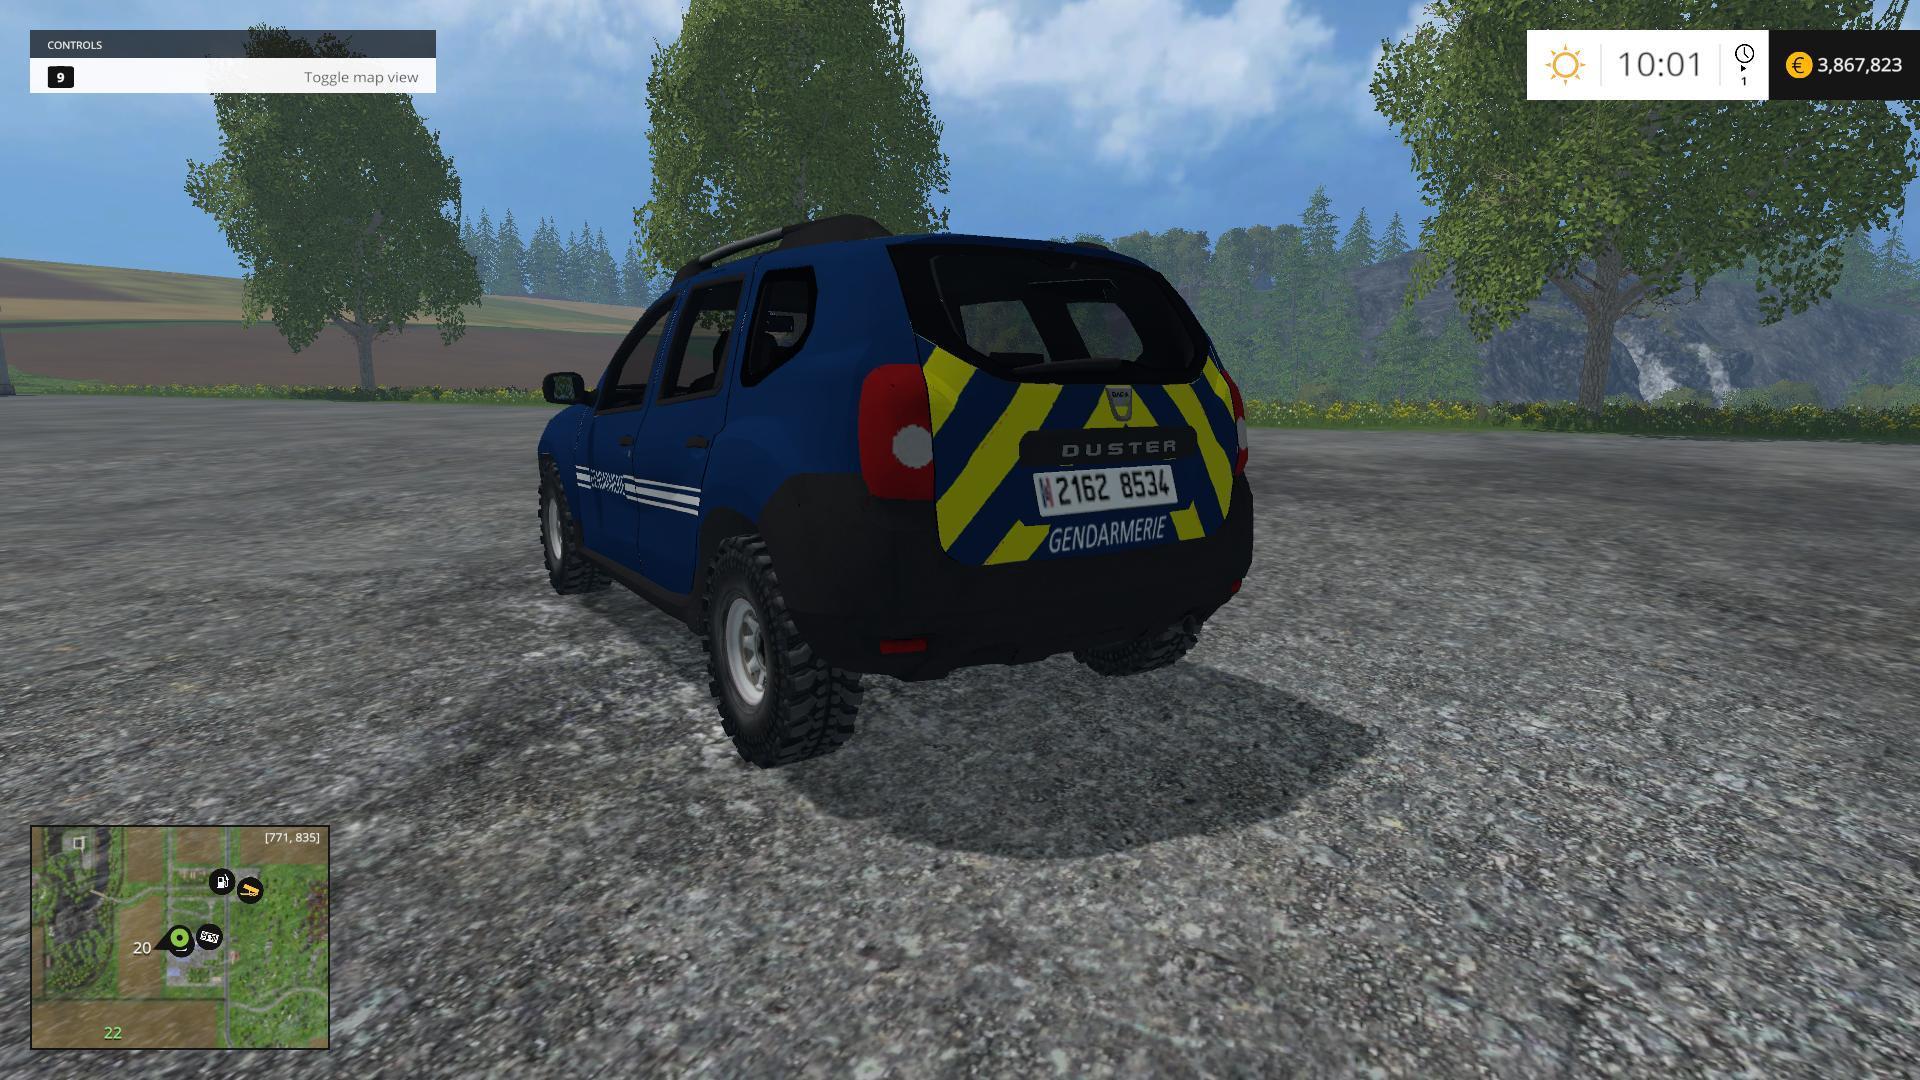 dacia duster gendarmerie nationale v1 0 fs 2015 farming simulator 2017 2015 15 17 ls mod. Black Bedroom Furniture Sets. Home Design Ideas